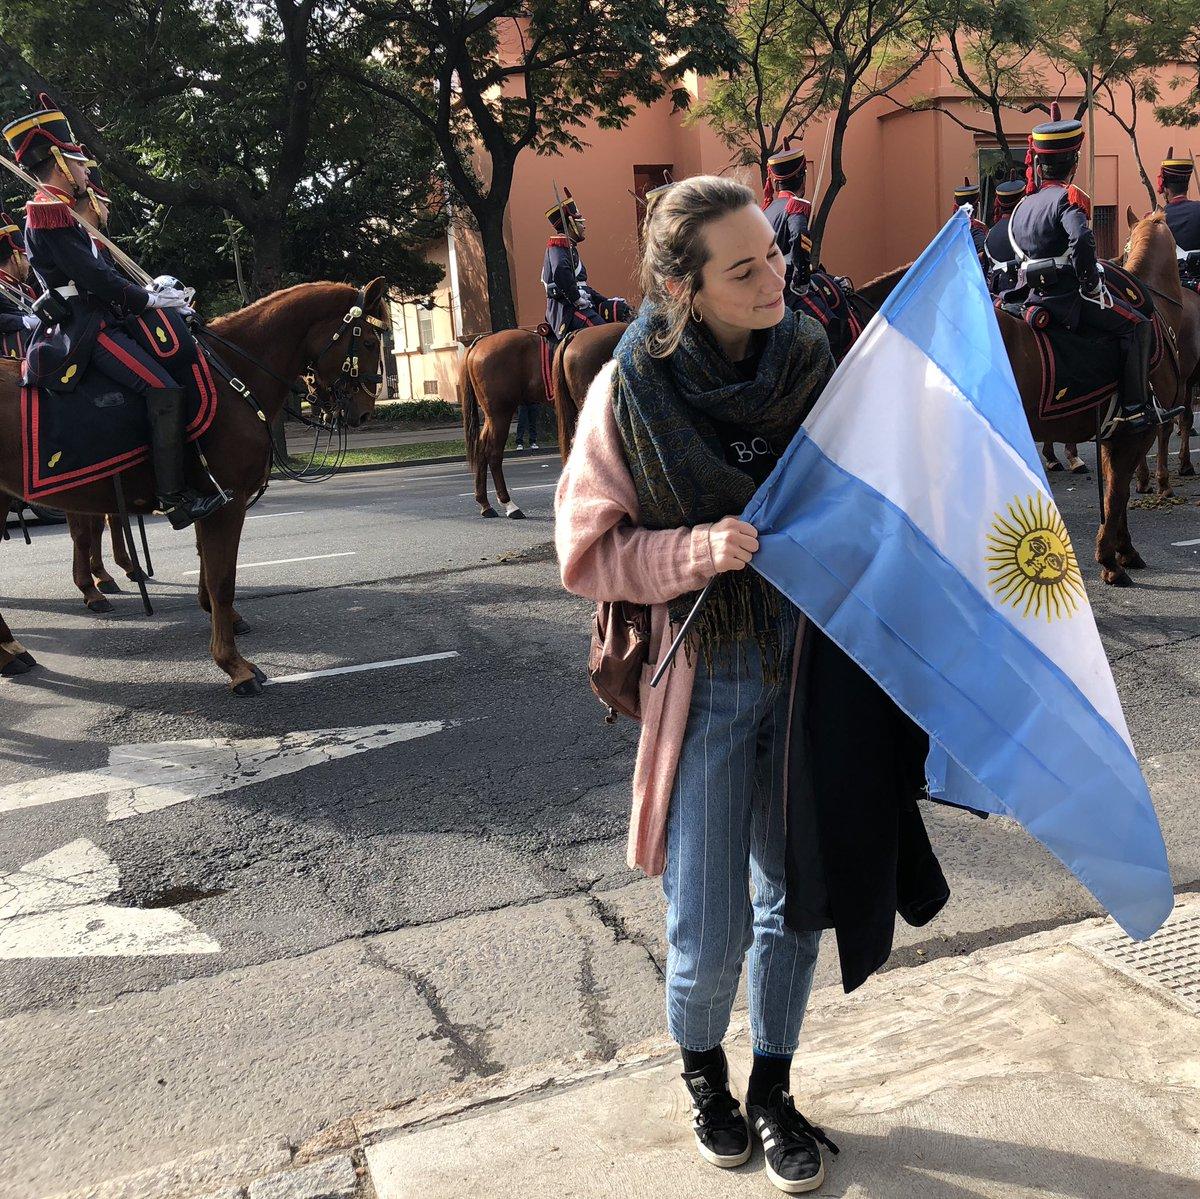 Día de la Independencia 🇦🇷 - am 9. Juli 1816 wurde die argentinische…